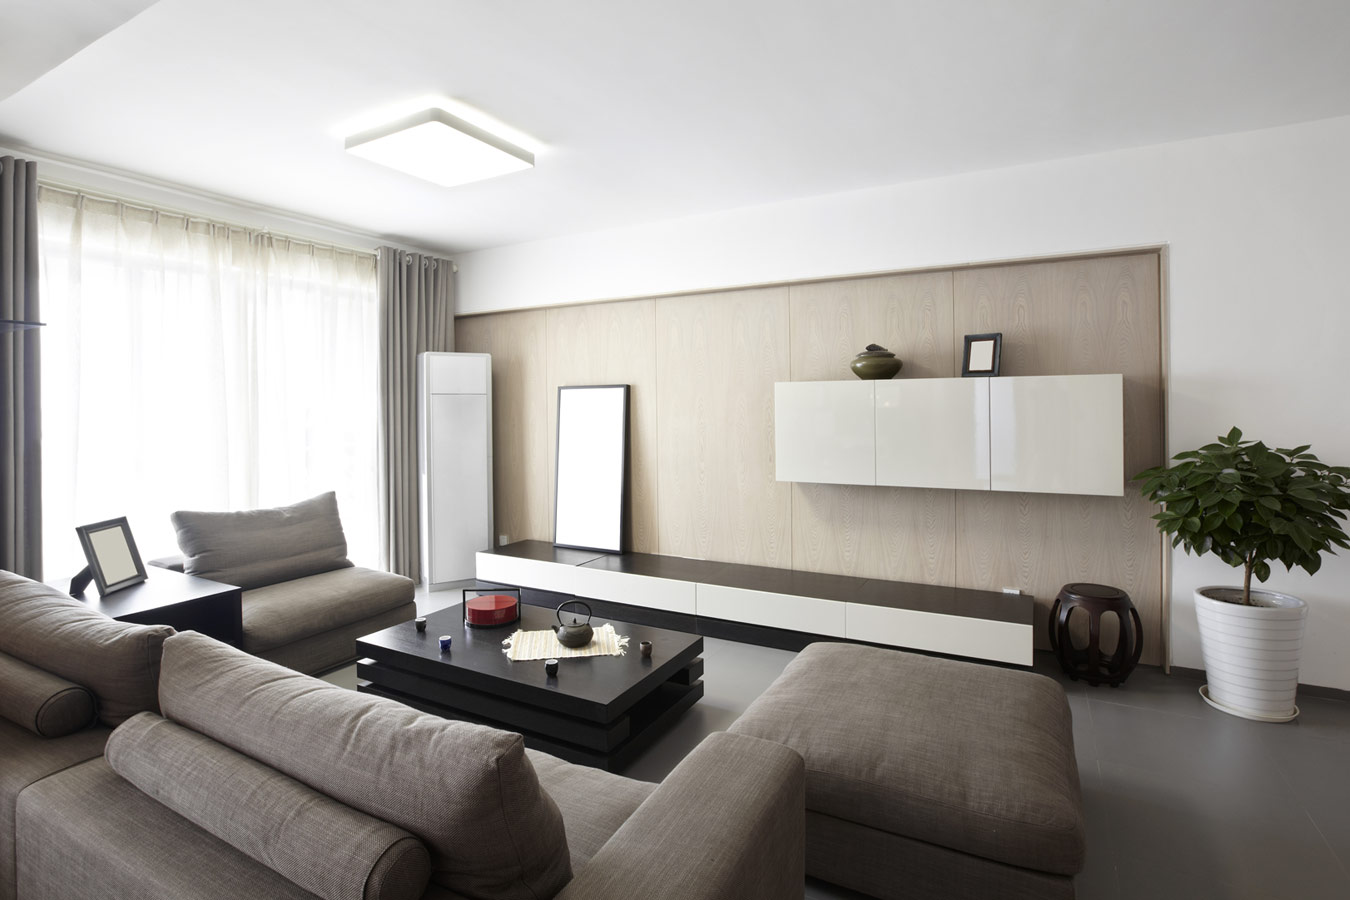 De complete woonkamer opnieuw inrichten: drie tips voor de beste ...